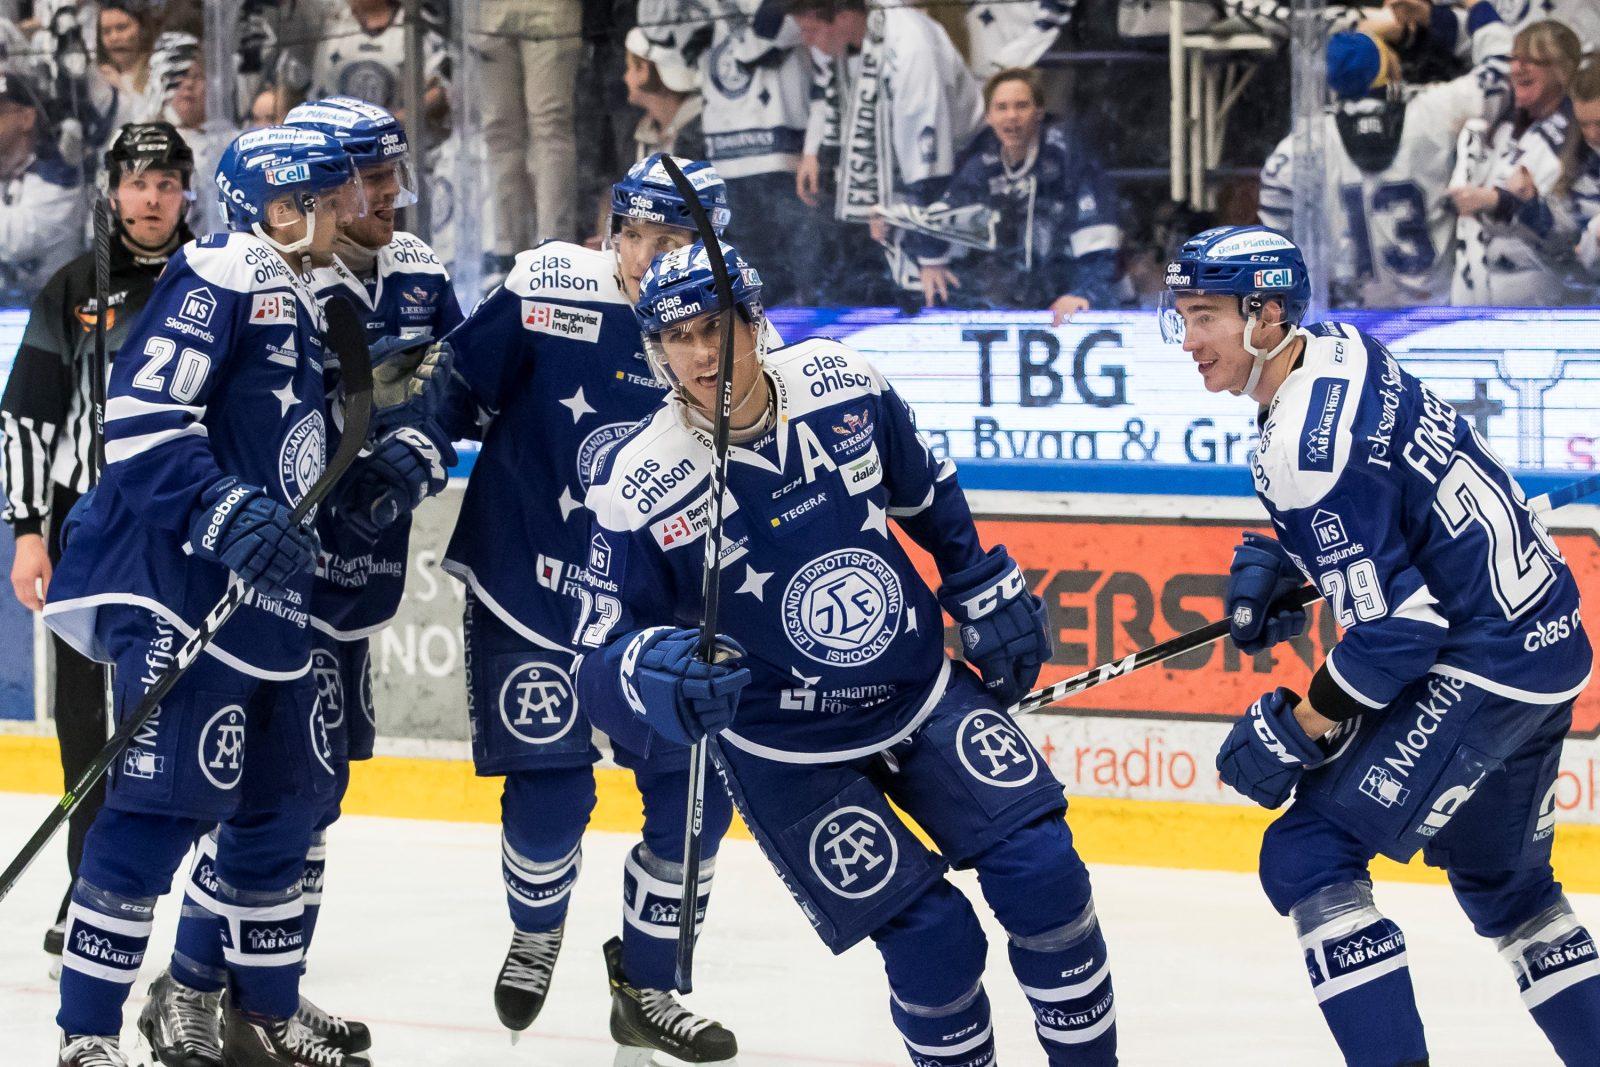 COMSTEDT: Så slutar Hockeyallsvenskan 2017/2018